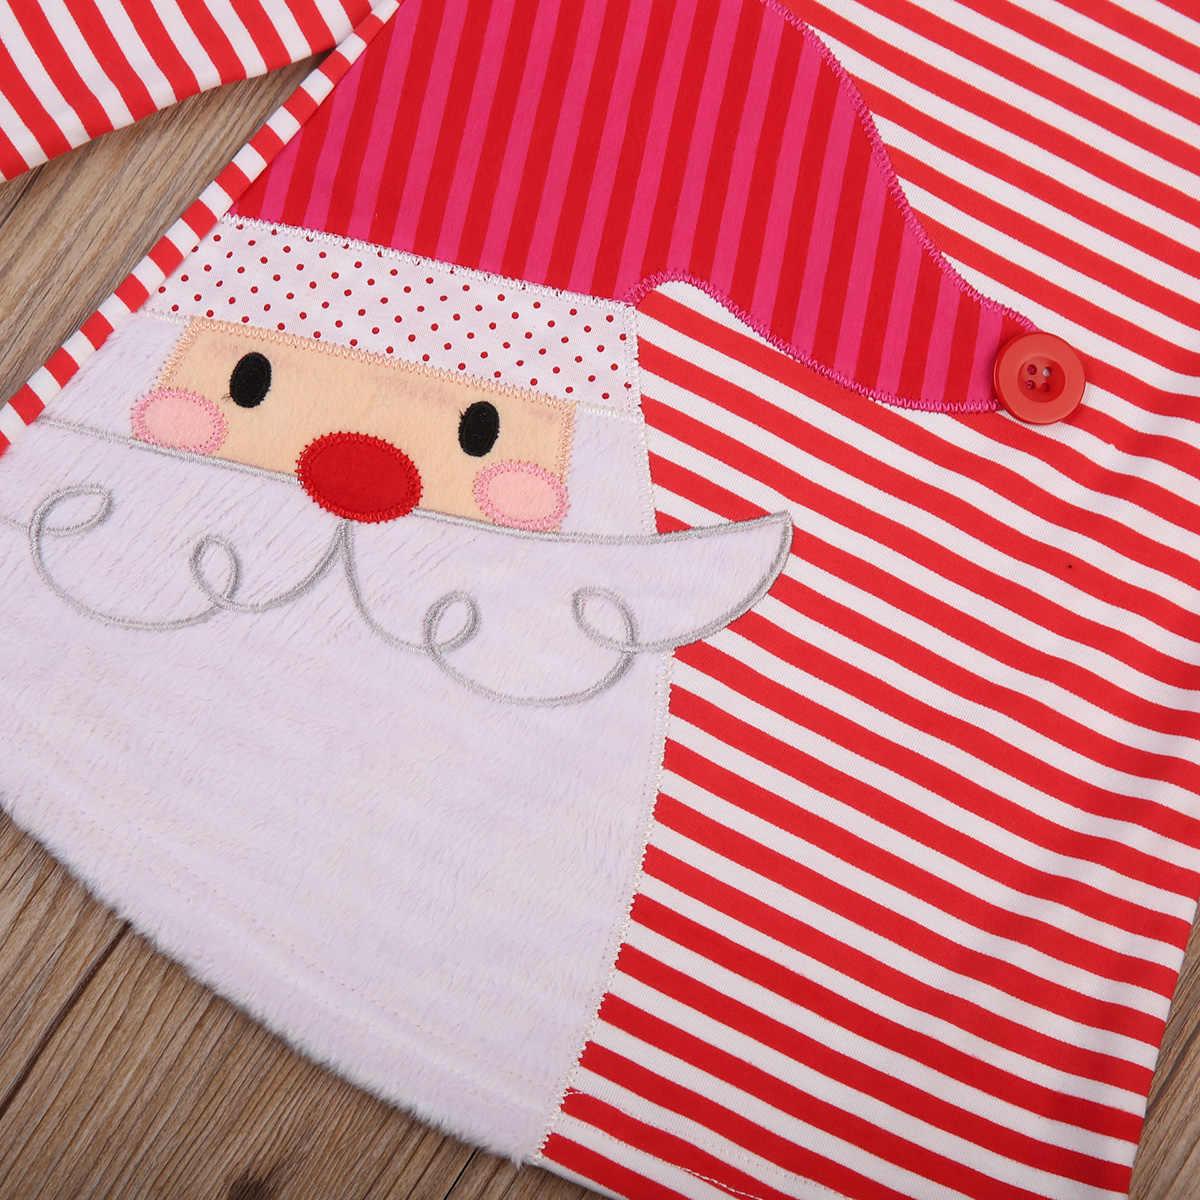 Canis Meisjes Kerst Jurk Kleding Gestreepte Santa Print Party Tutu Jurken Xmas Size 2-7T